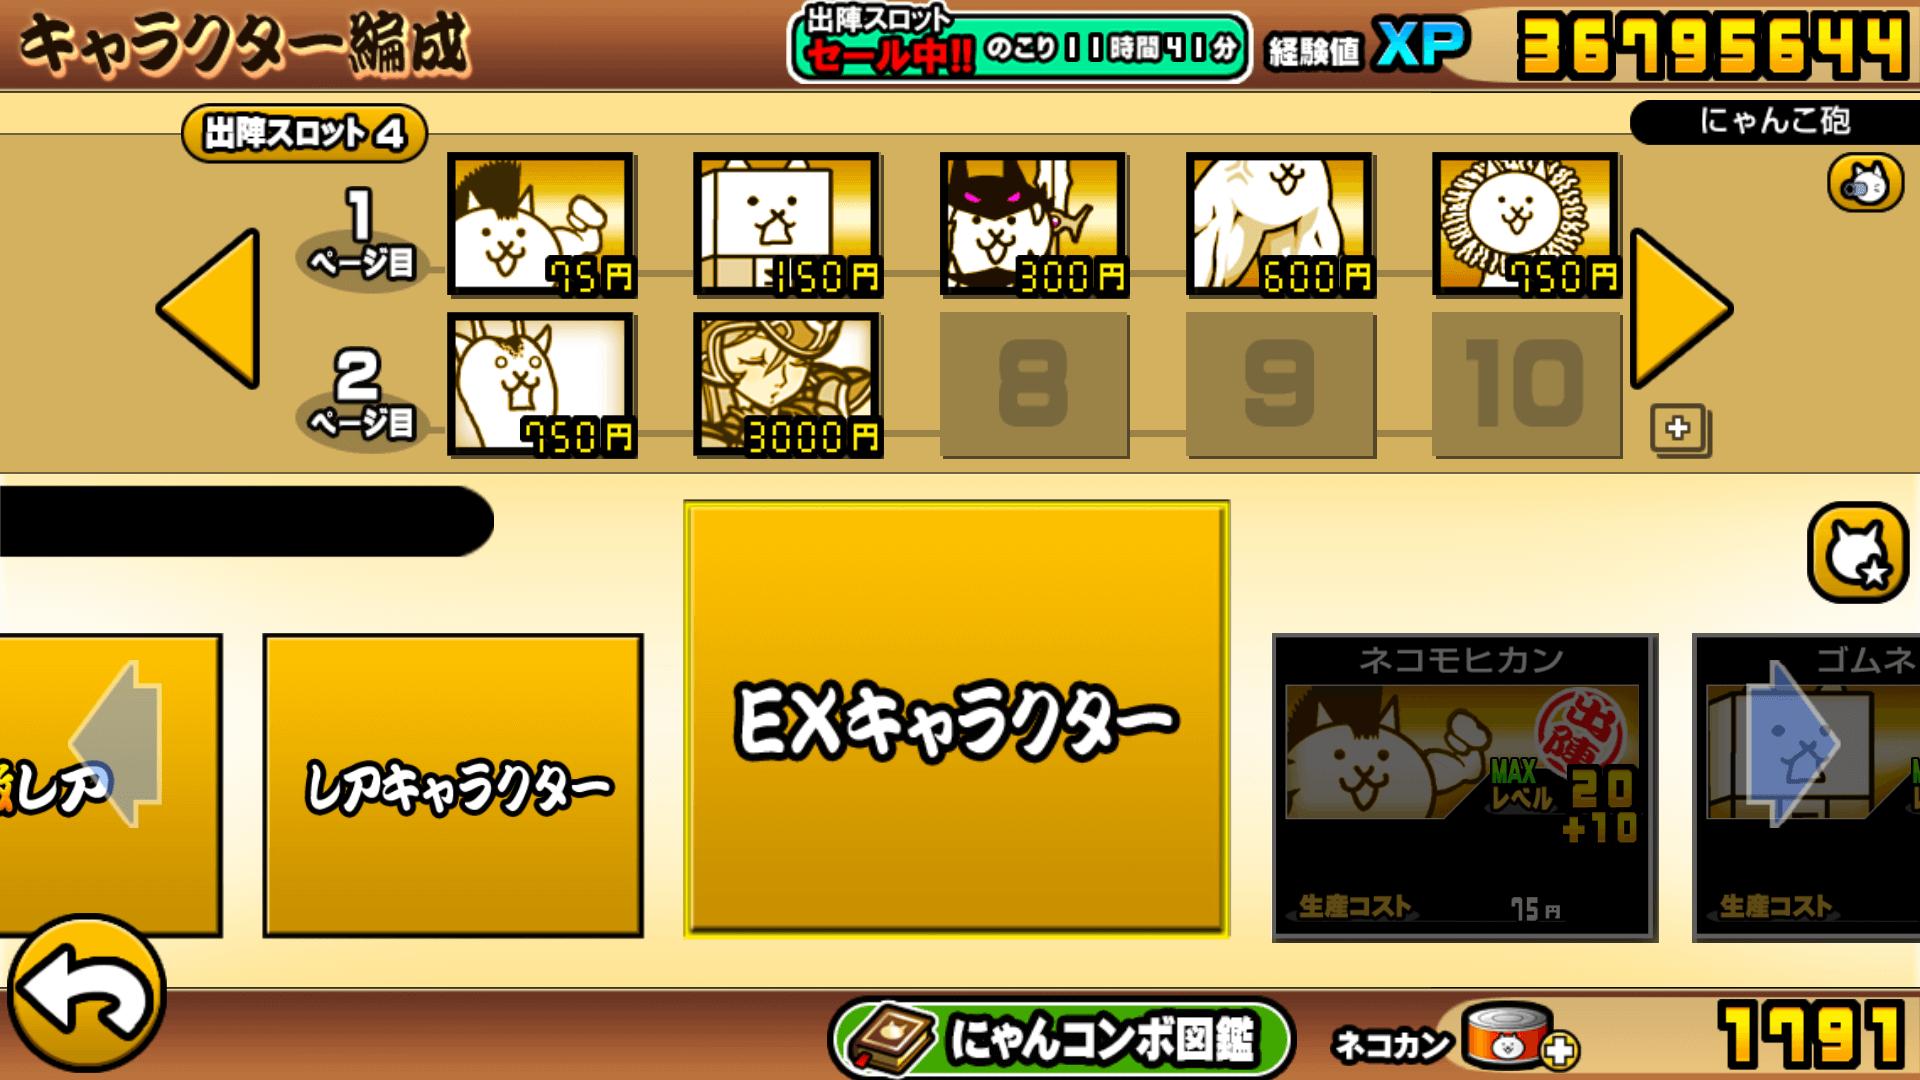 日本編のゾンビで使用したネコ